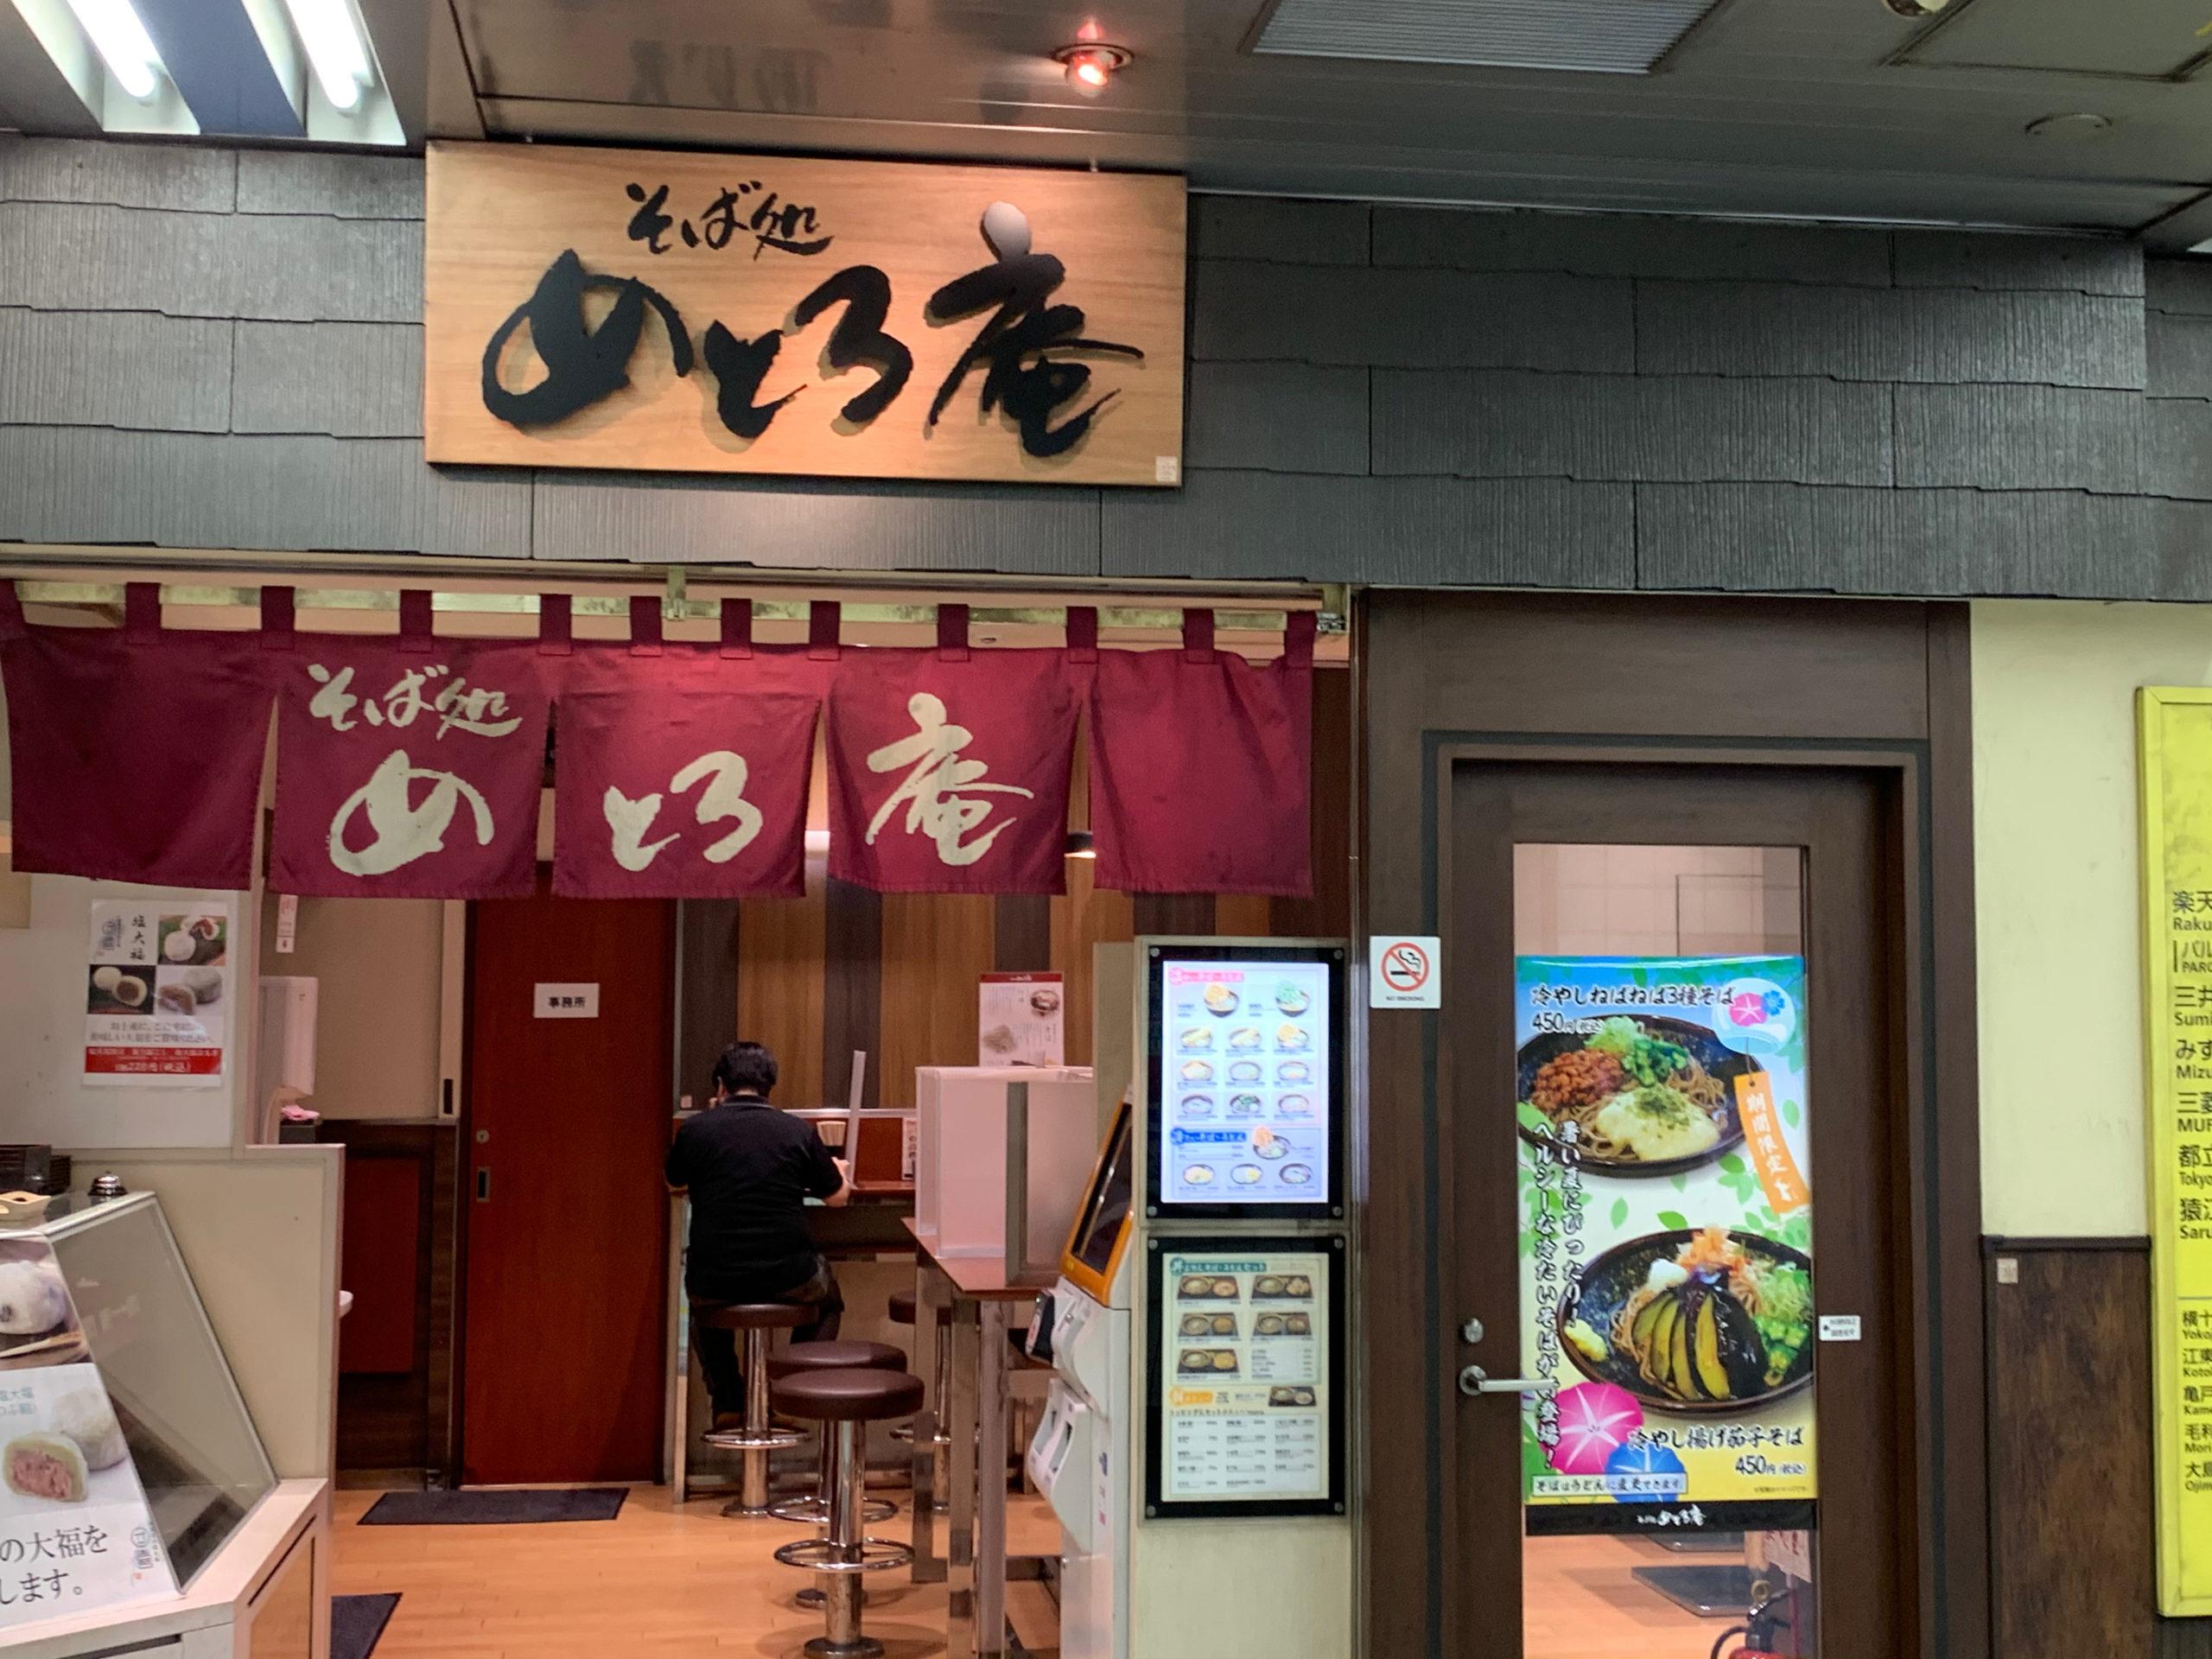 錦糸町駅地下鉄通路にある蕎麦屋「そば処めとろ庵錦糸町店」は手軽にサッと美味しく頂ける立ち食い蕎麦屋です